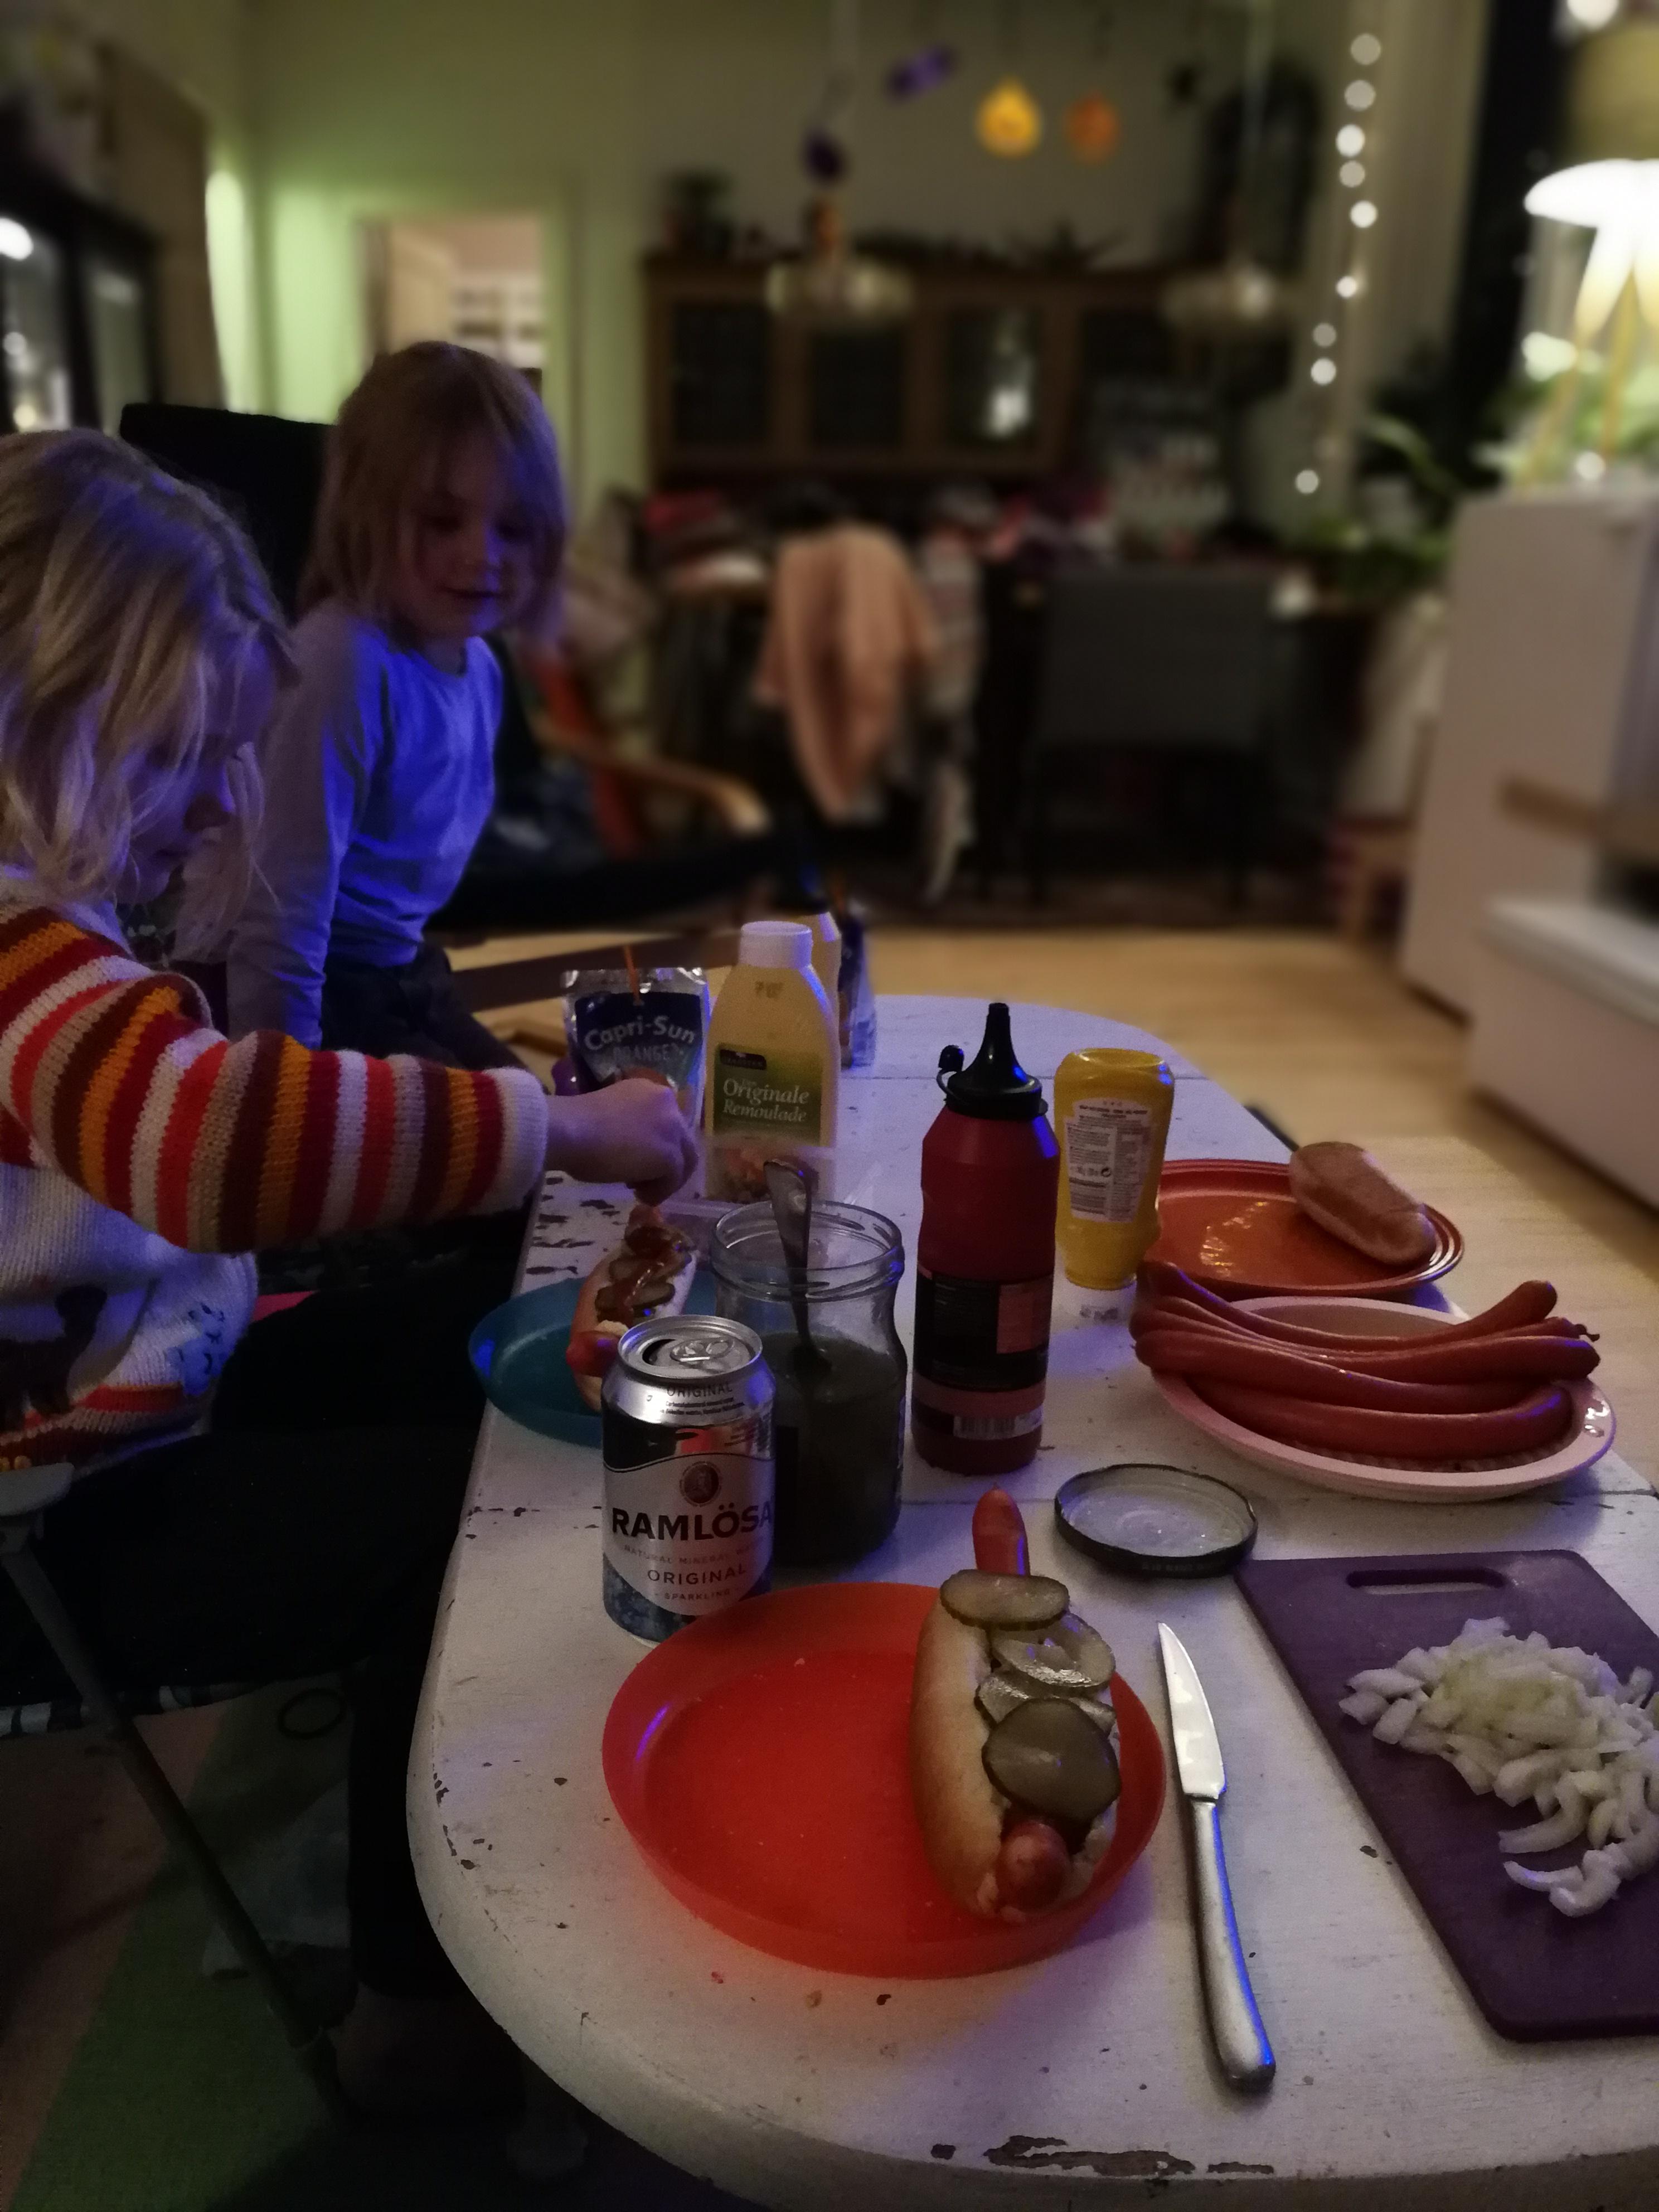 uge 43, aftensmad foran tv